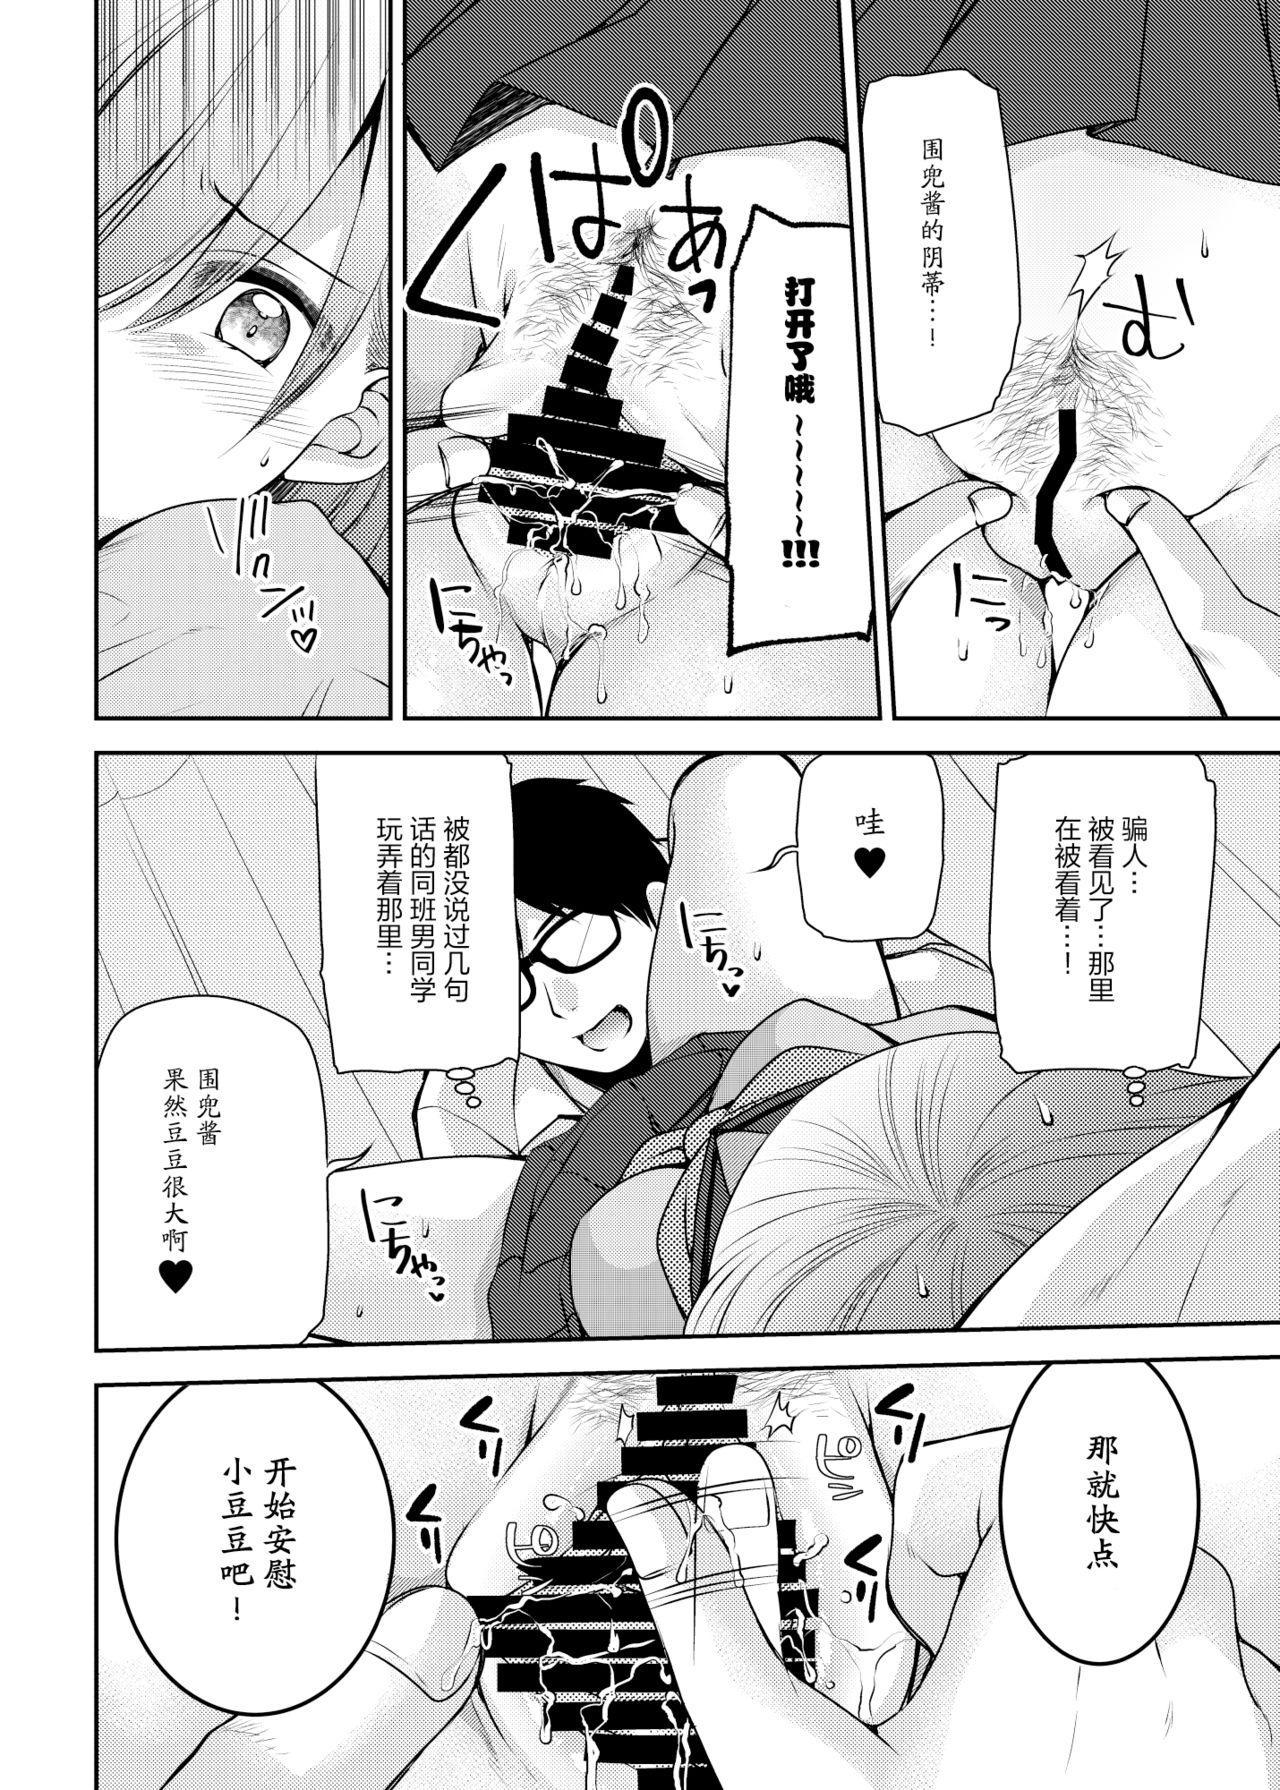 Kono Kimochi Ii Tokki ga Zenbu Warui!! 11